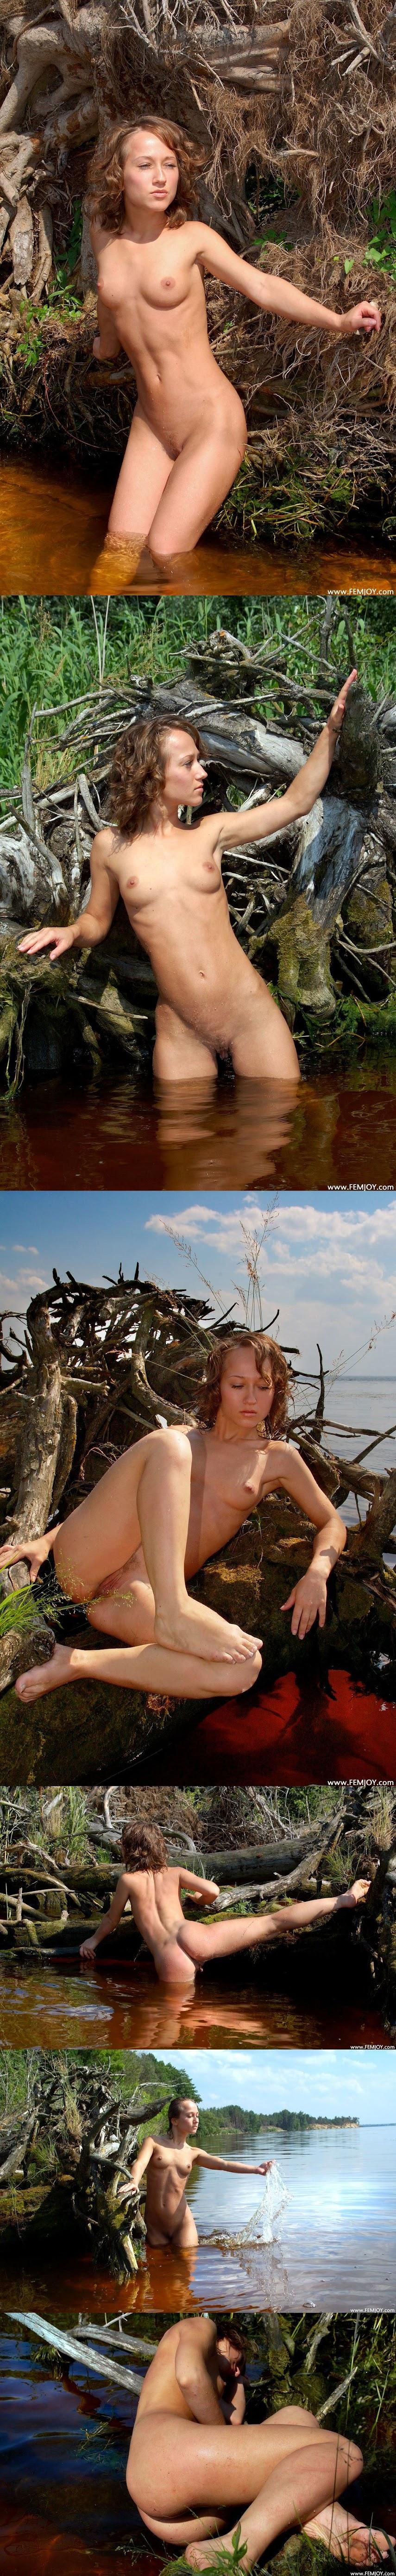 FEdf  - 2005-11-10 - Margo - Margo x110 3000px sexy girls image jav